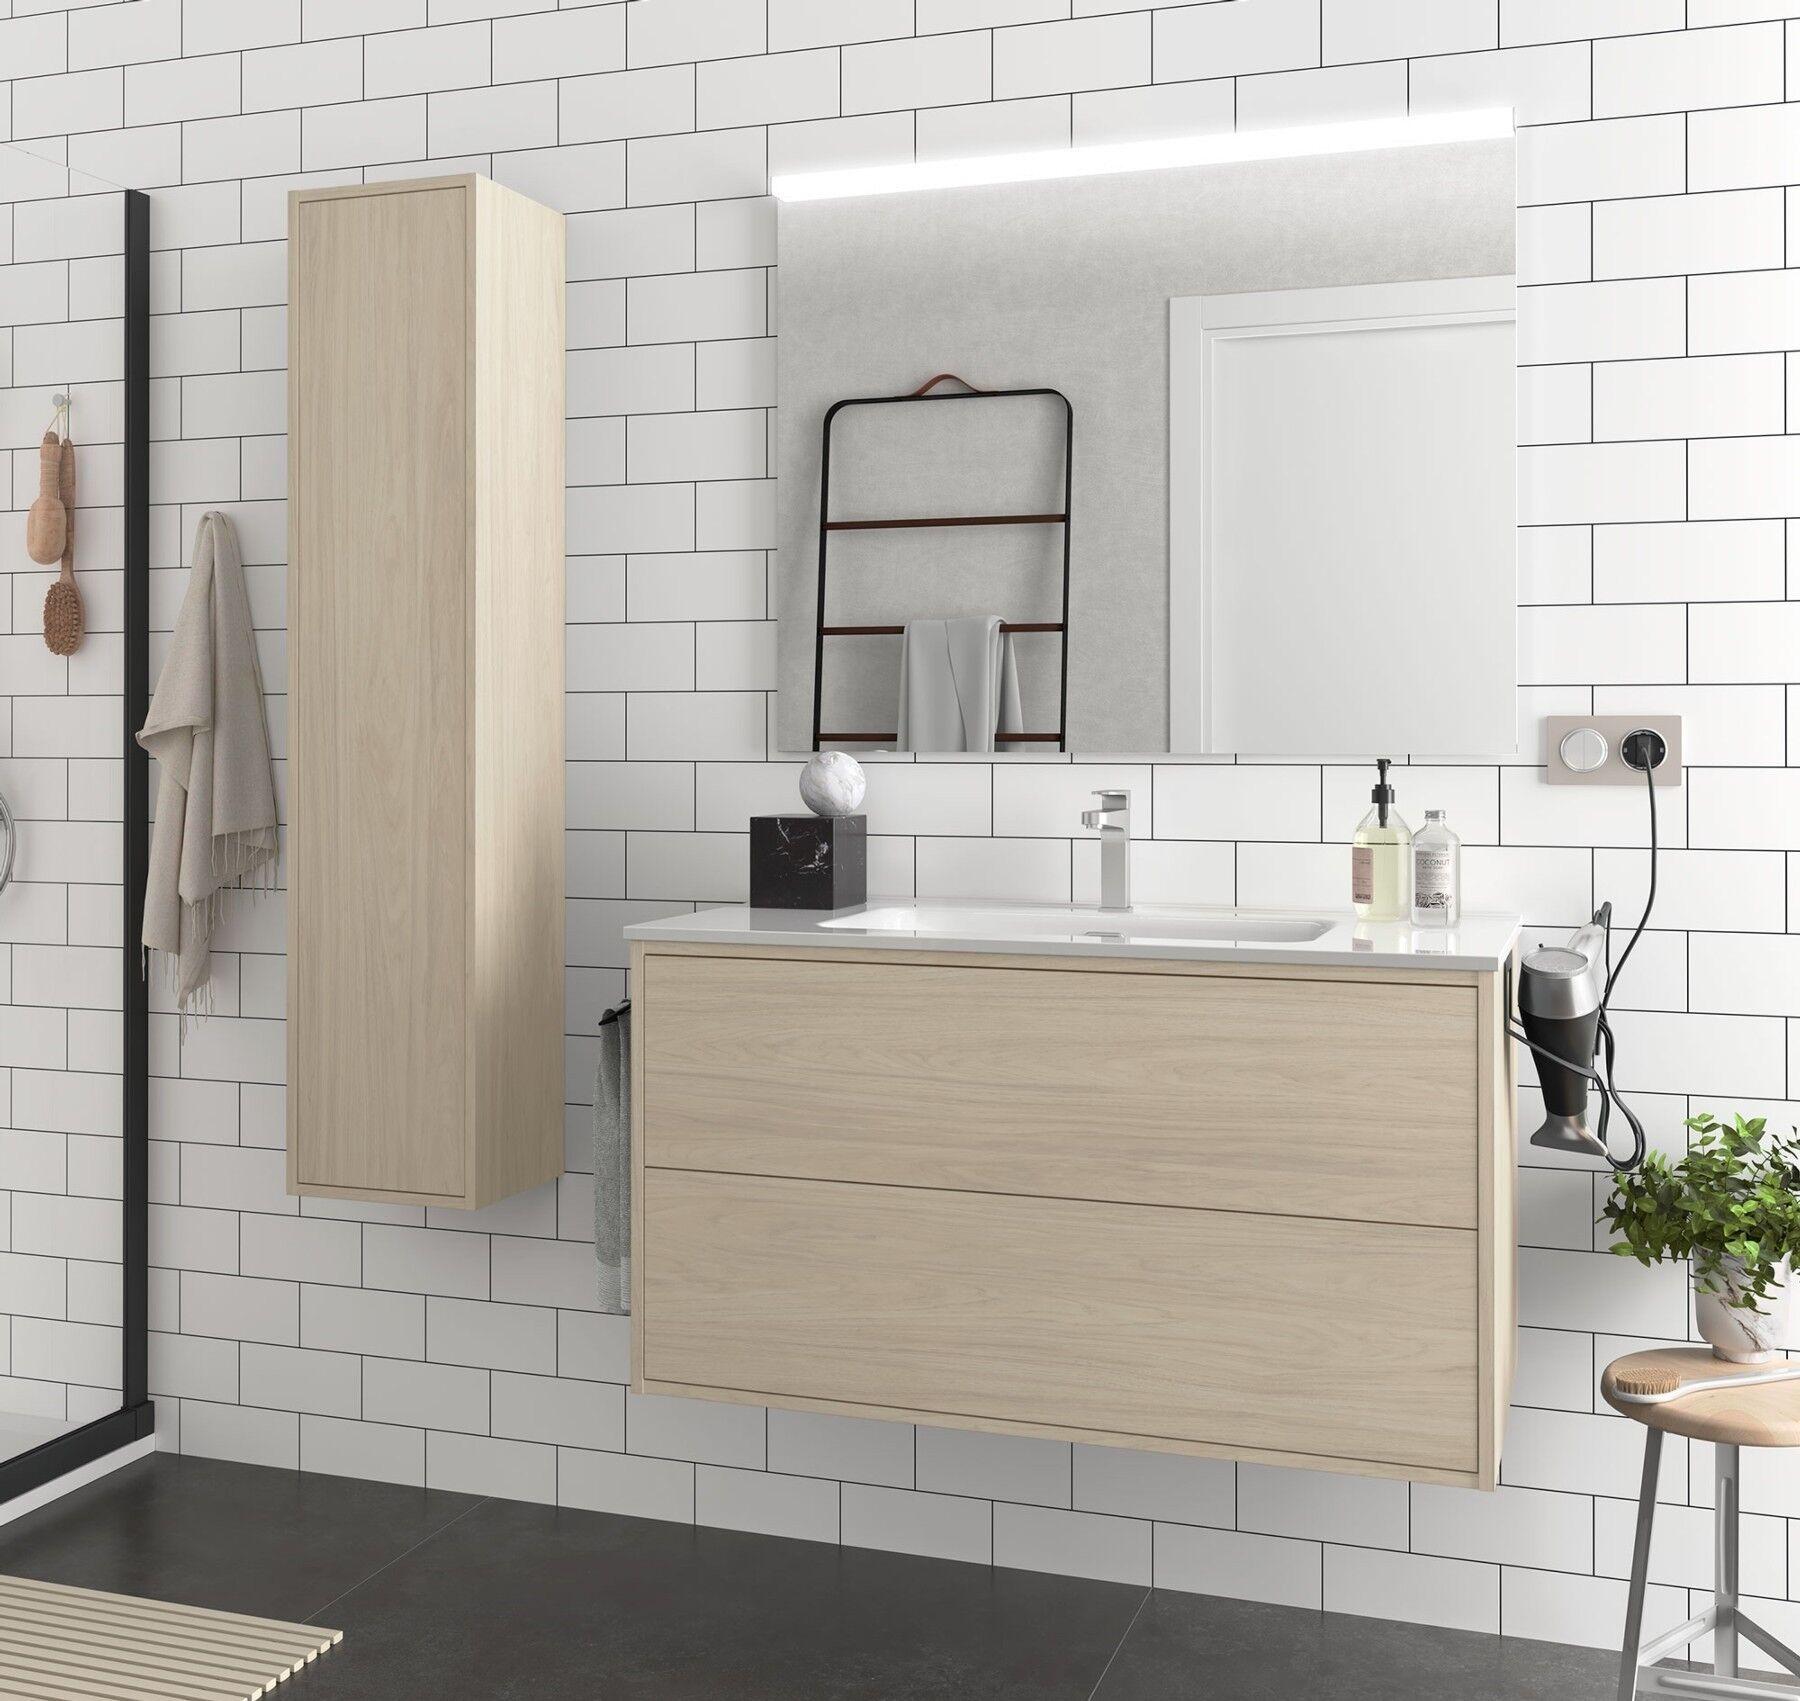 CAESAROO Meuble de salle de bain suspendu 100 cm Ulisse en bois couleur Nordik avec lavabo en porcelaine   100 cm - Avec double colonne, miroir et lampe à LED